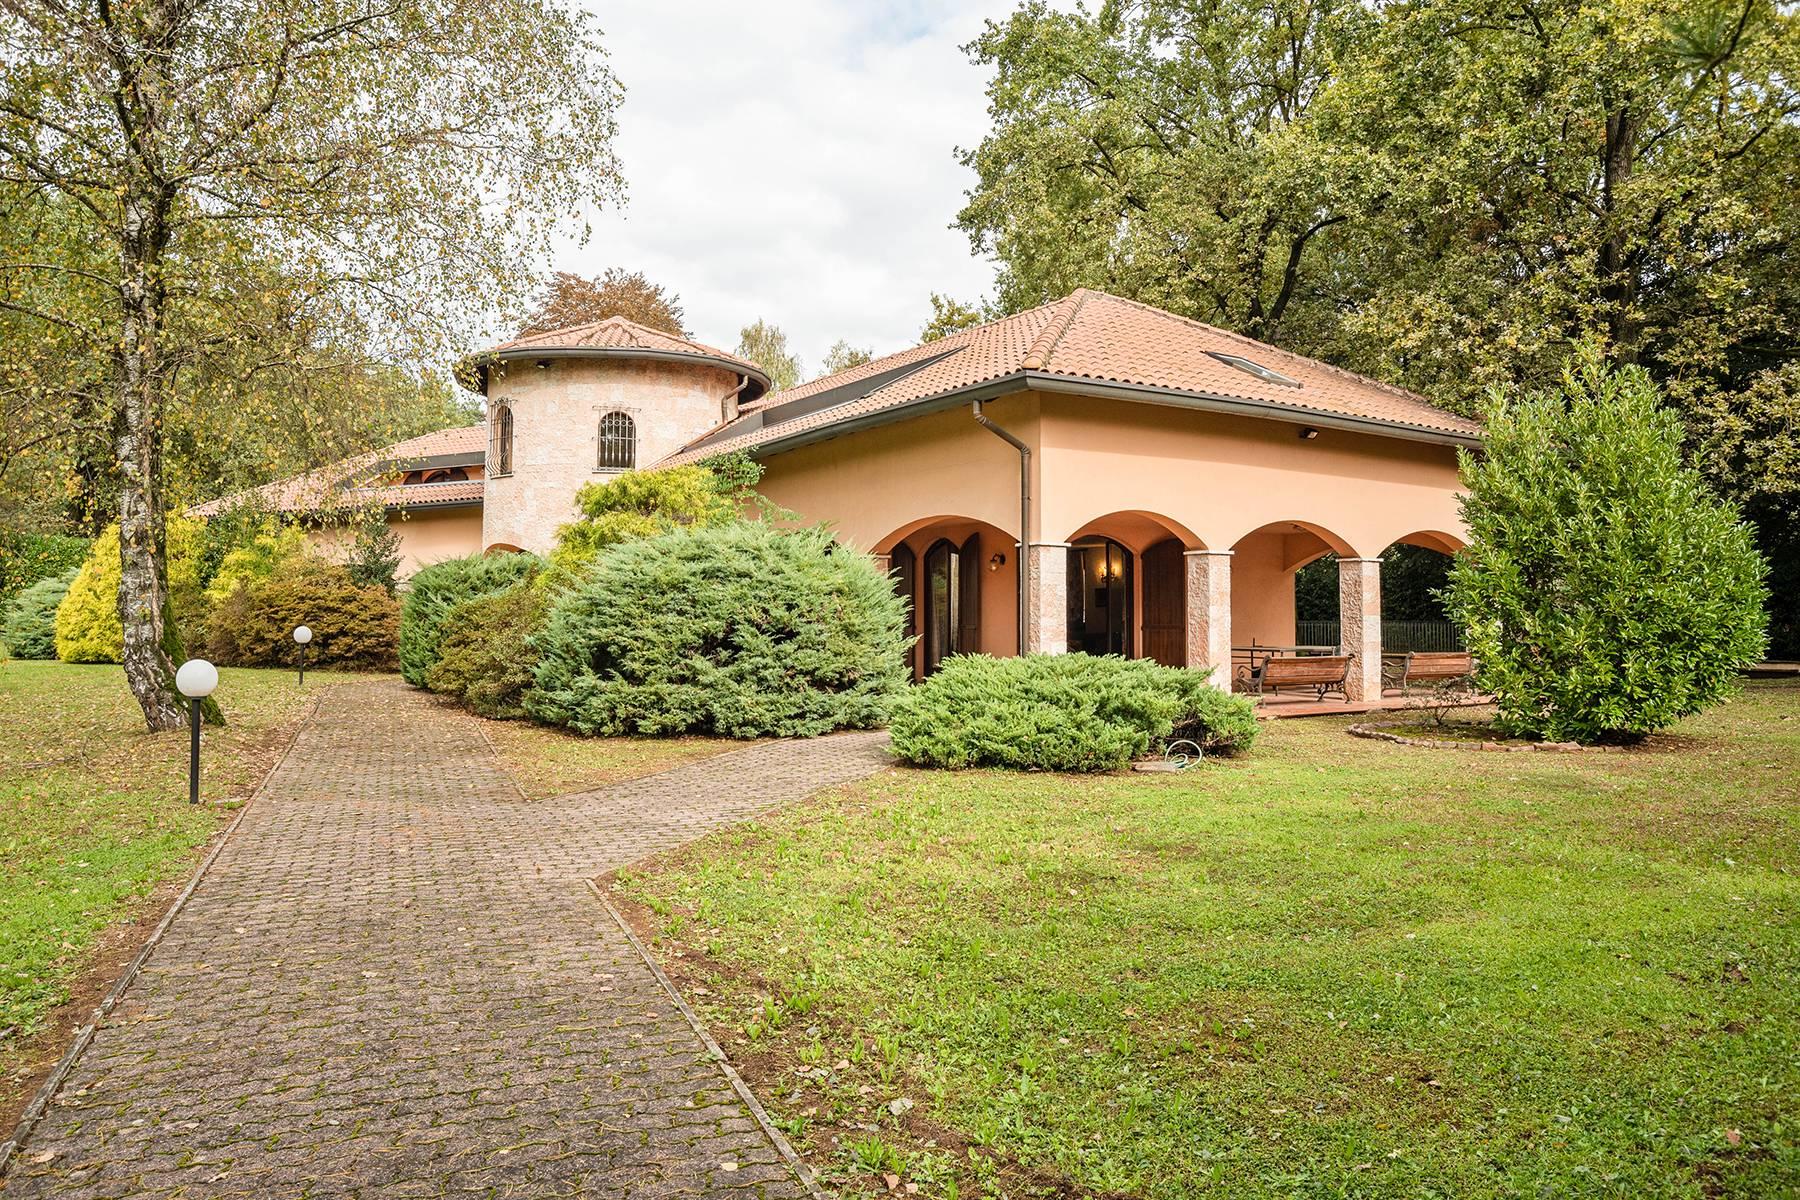 Villa in Vendita a Guanzate via della pineta